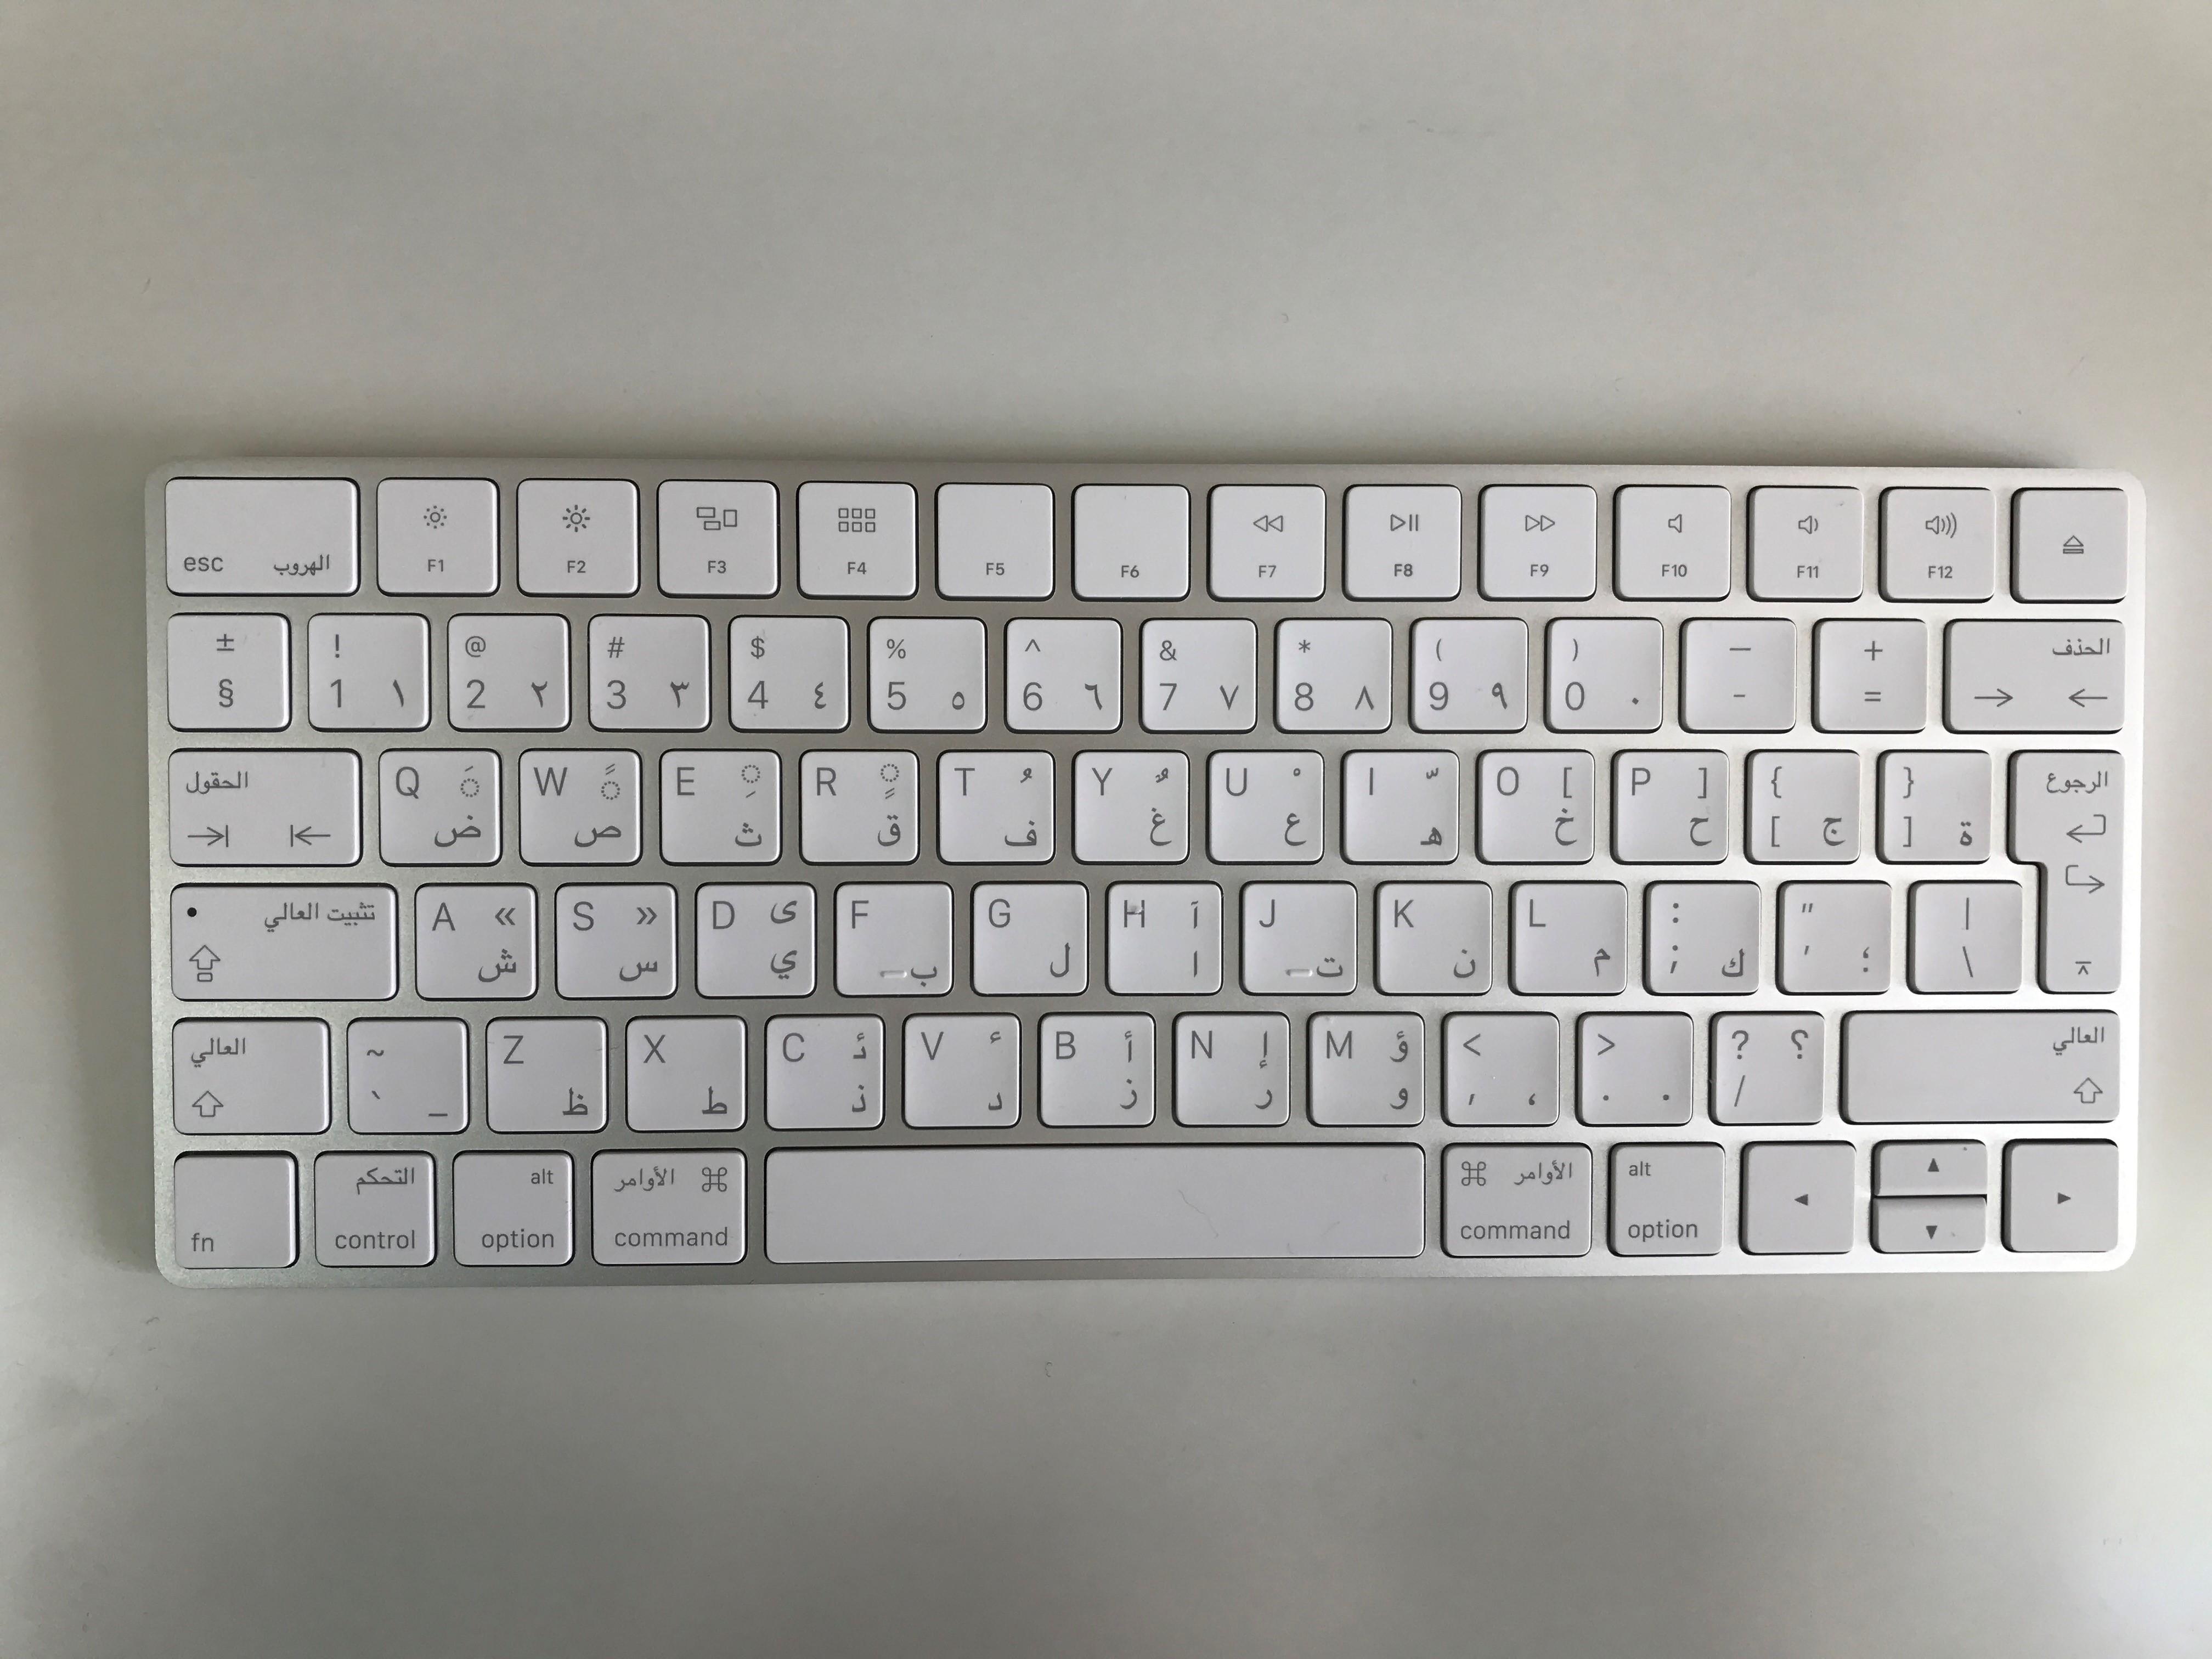 لون لوحة المفاتيح للأطفال رسائل ملونة كبيرة الحجم لوحة المفاتيح لوحة مفاتيح  الكمبيوتر للأطفال